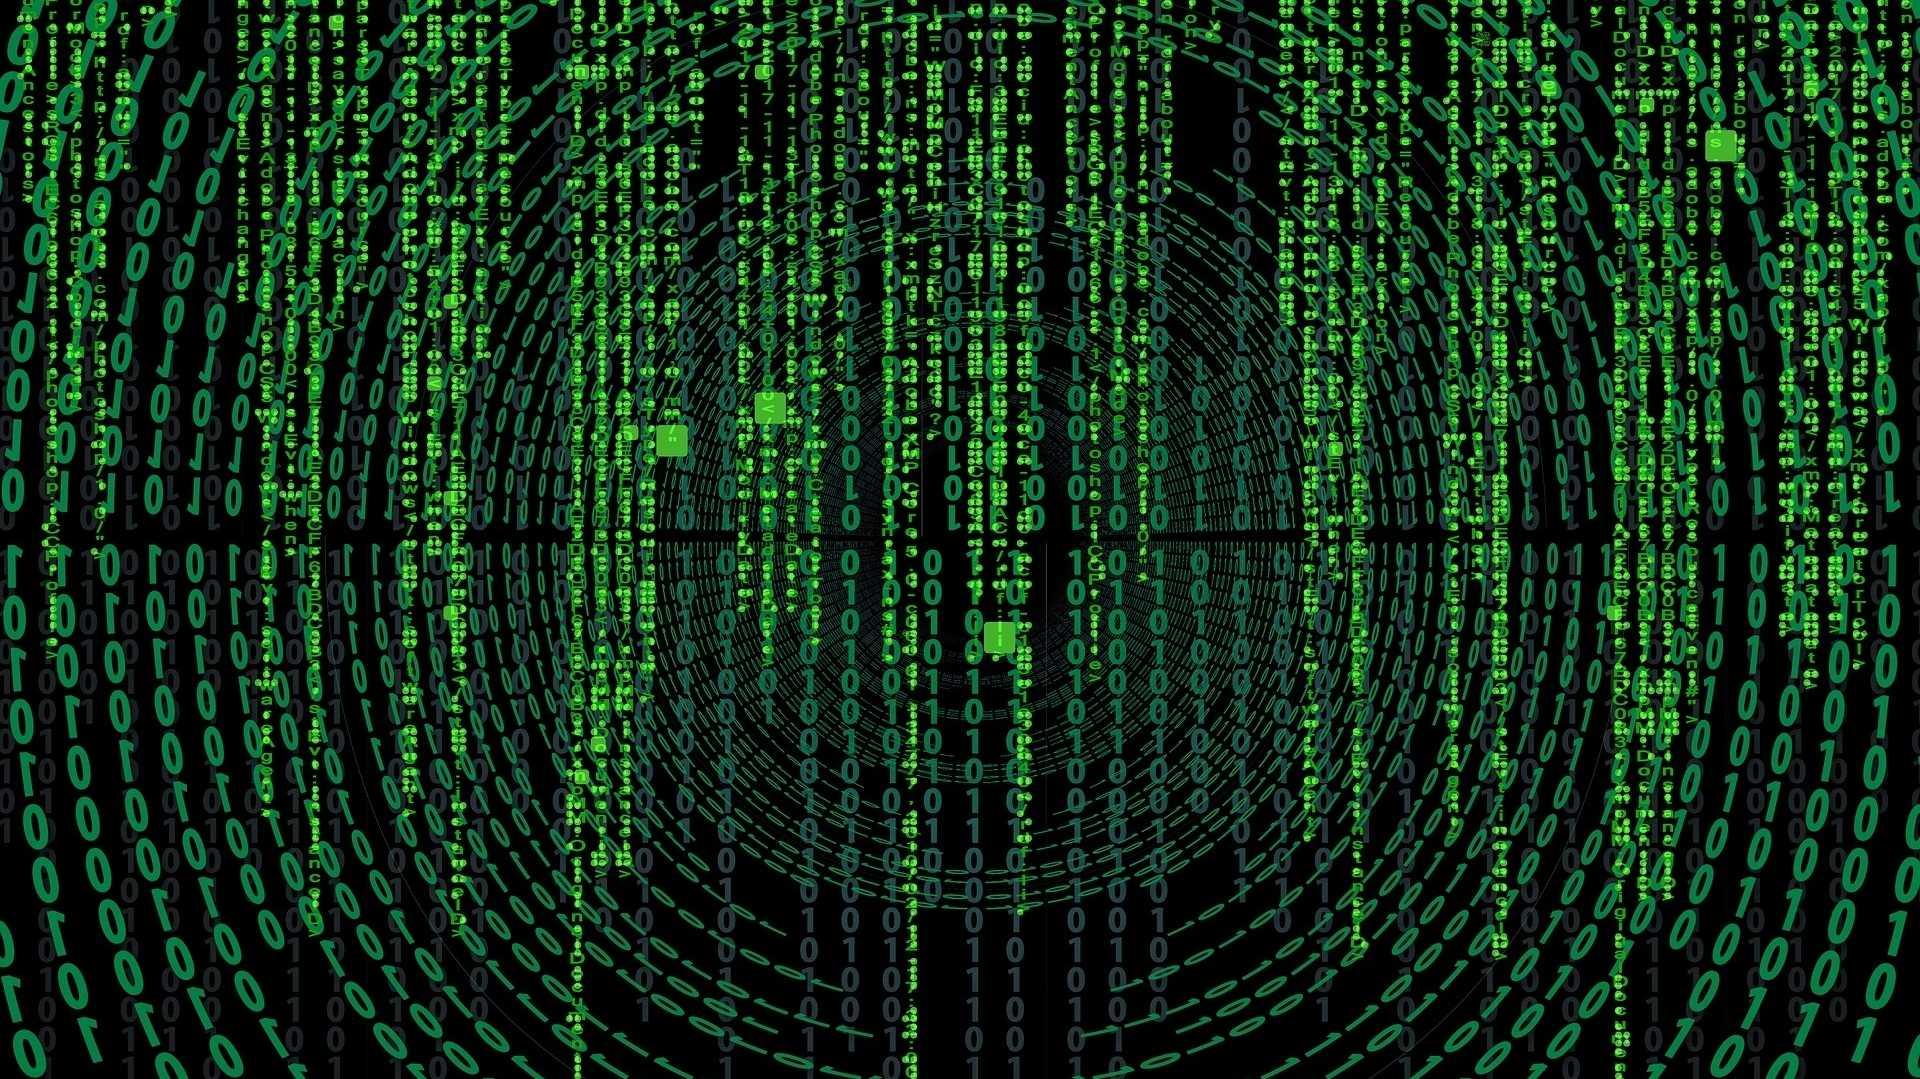 PHP-Paket-Repository Packagist.org war für Schadcode anfällig